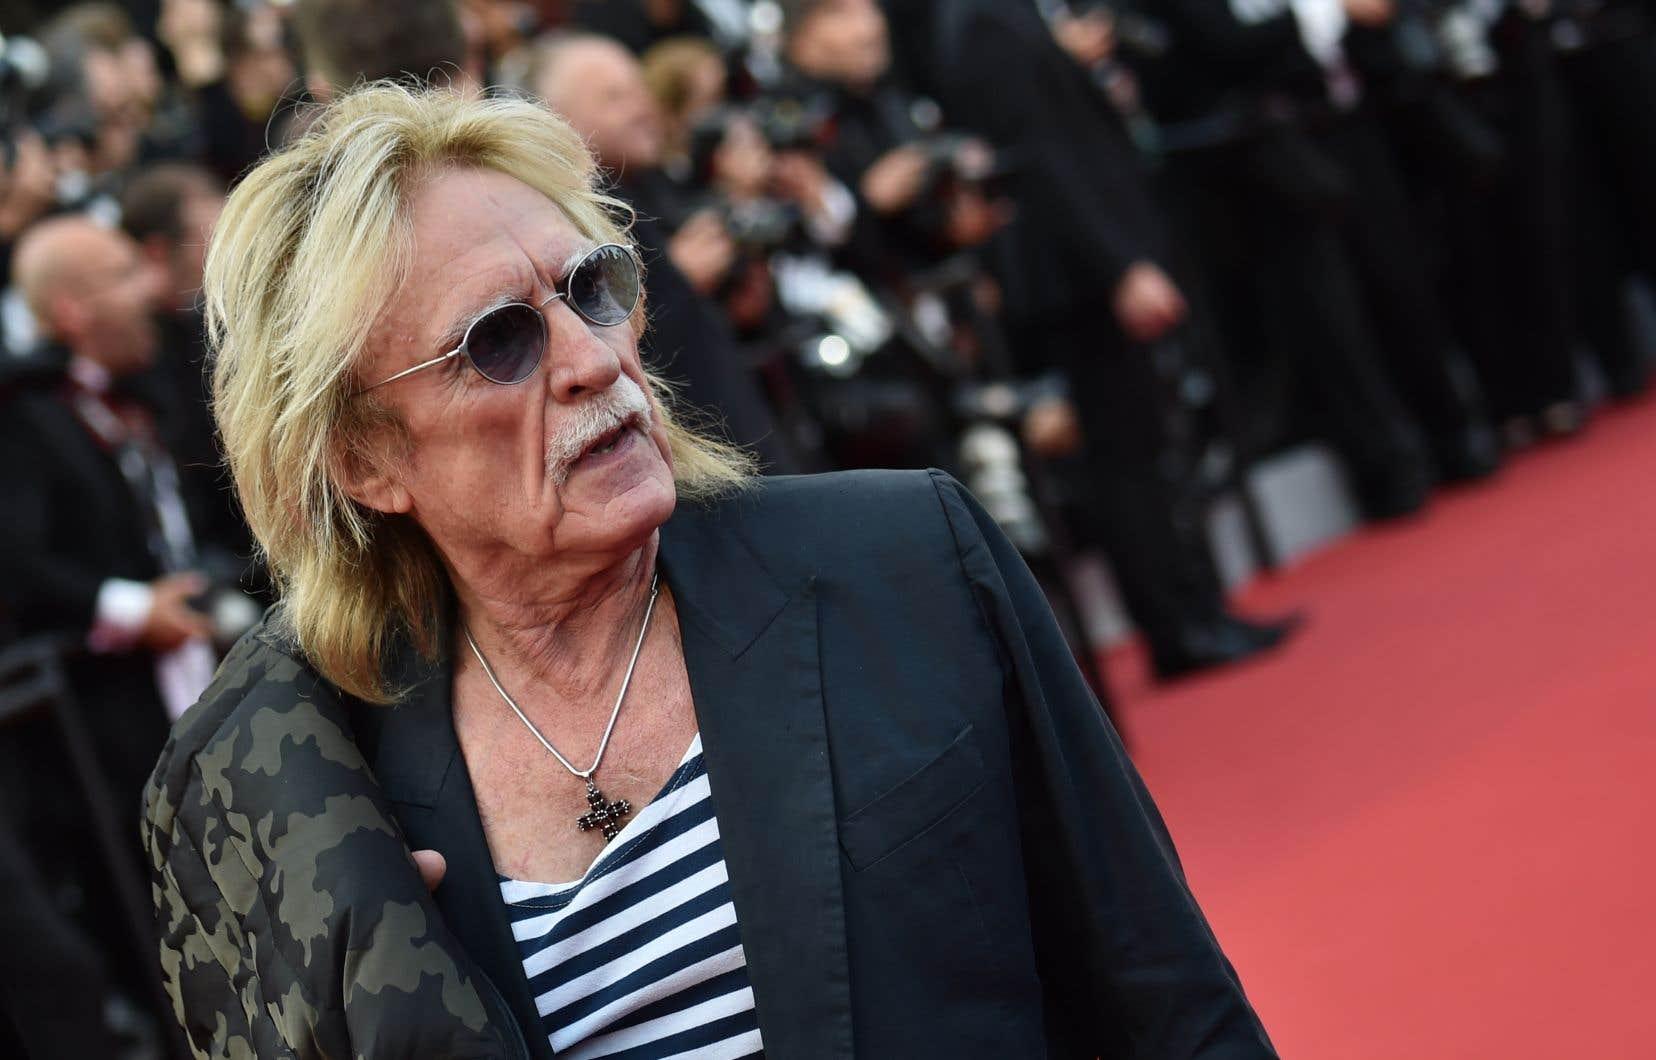 Le chanteur français Christophe à Cannes en 2015